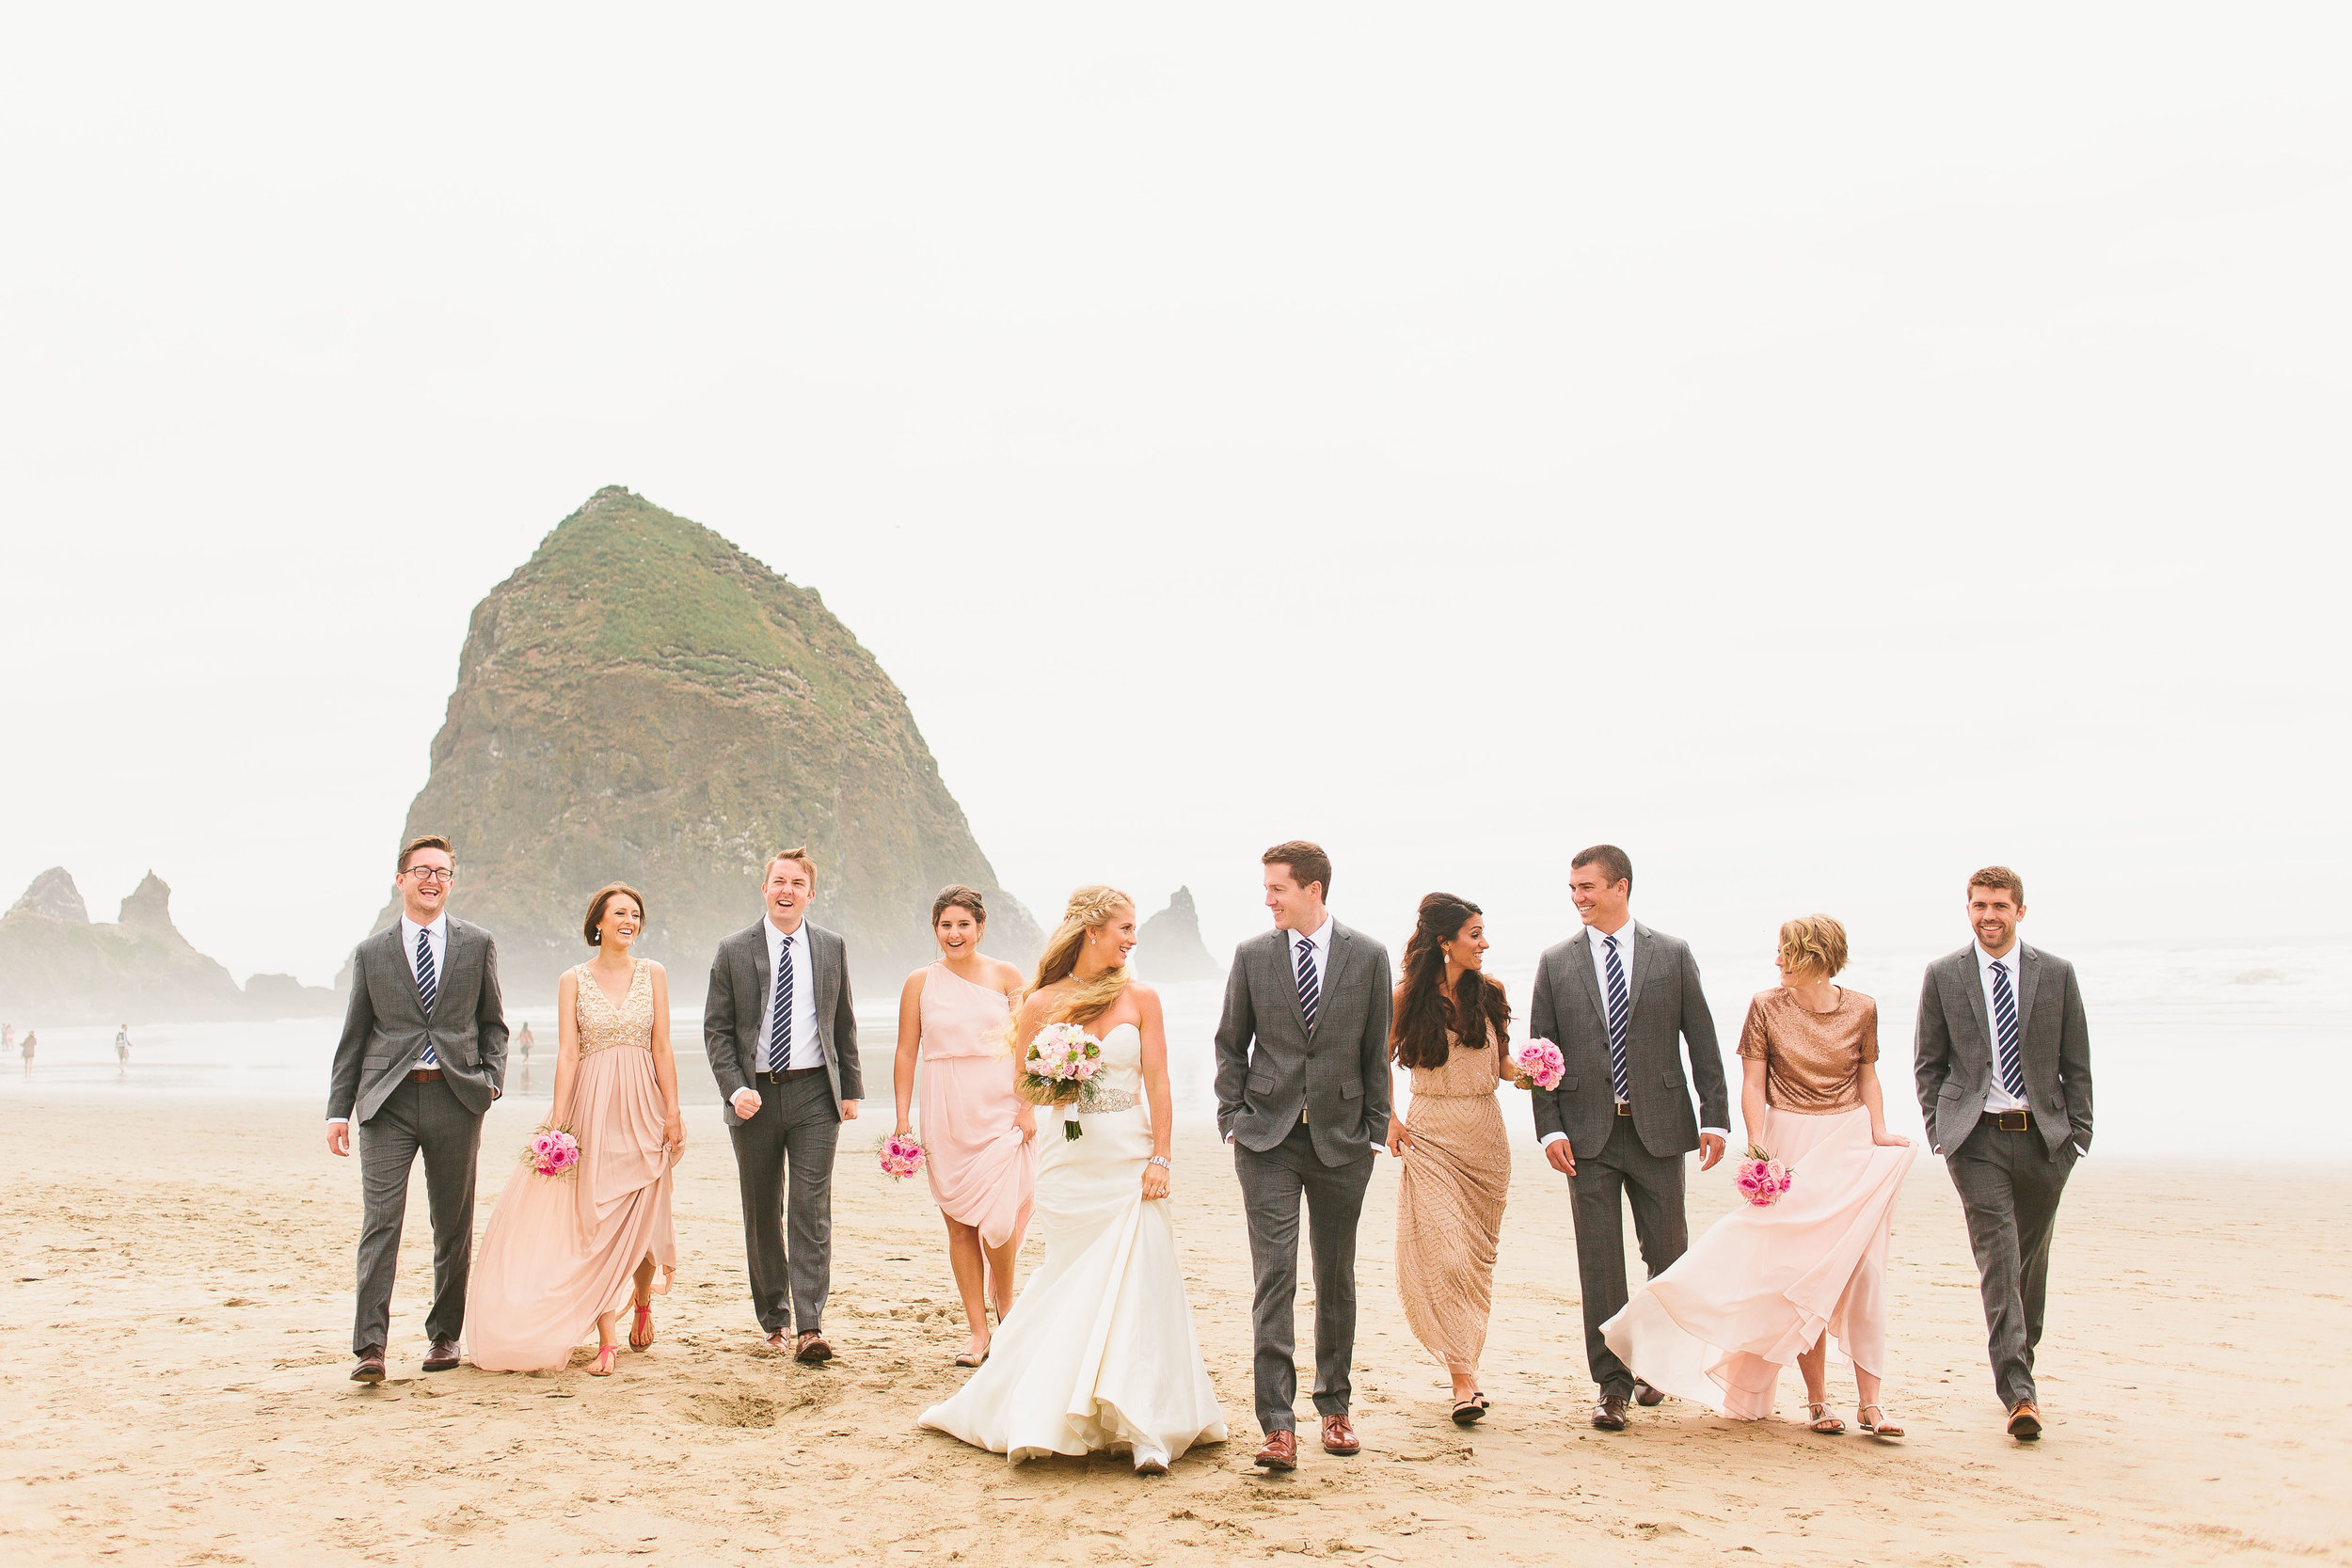 Kailua Kona Hawaii - destination wedding photographer. Kailua Kona